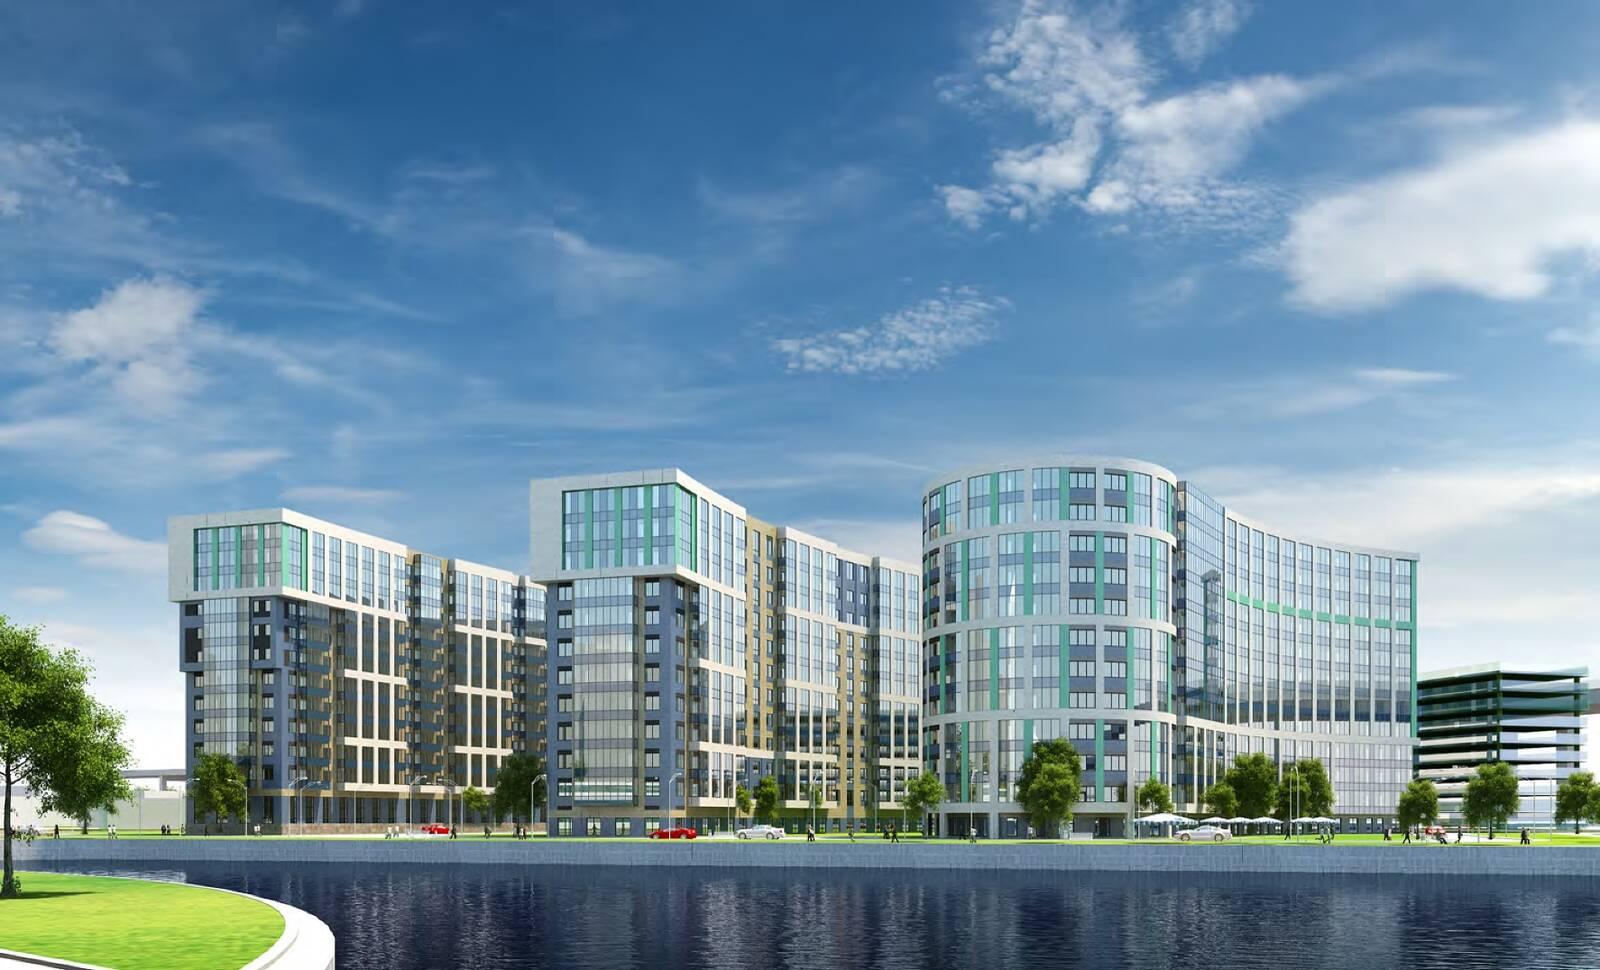 В городе санкт- петербург в приморском районе расположен крупный жилой комплекс под названием юбилейный